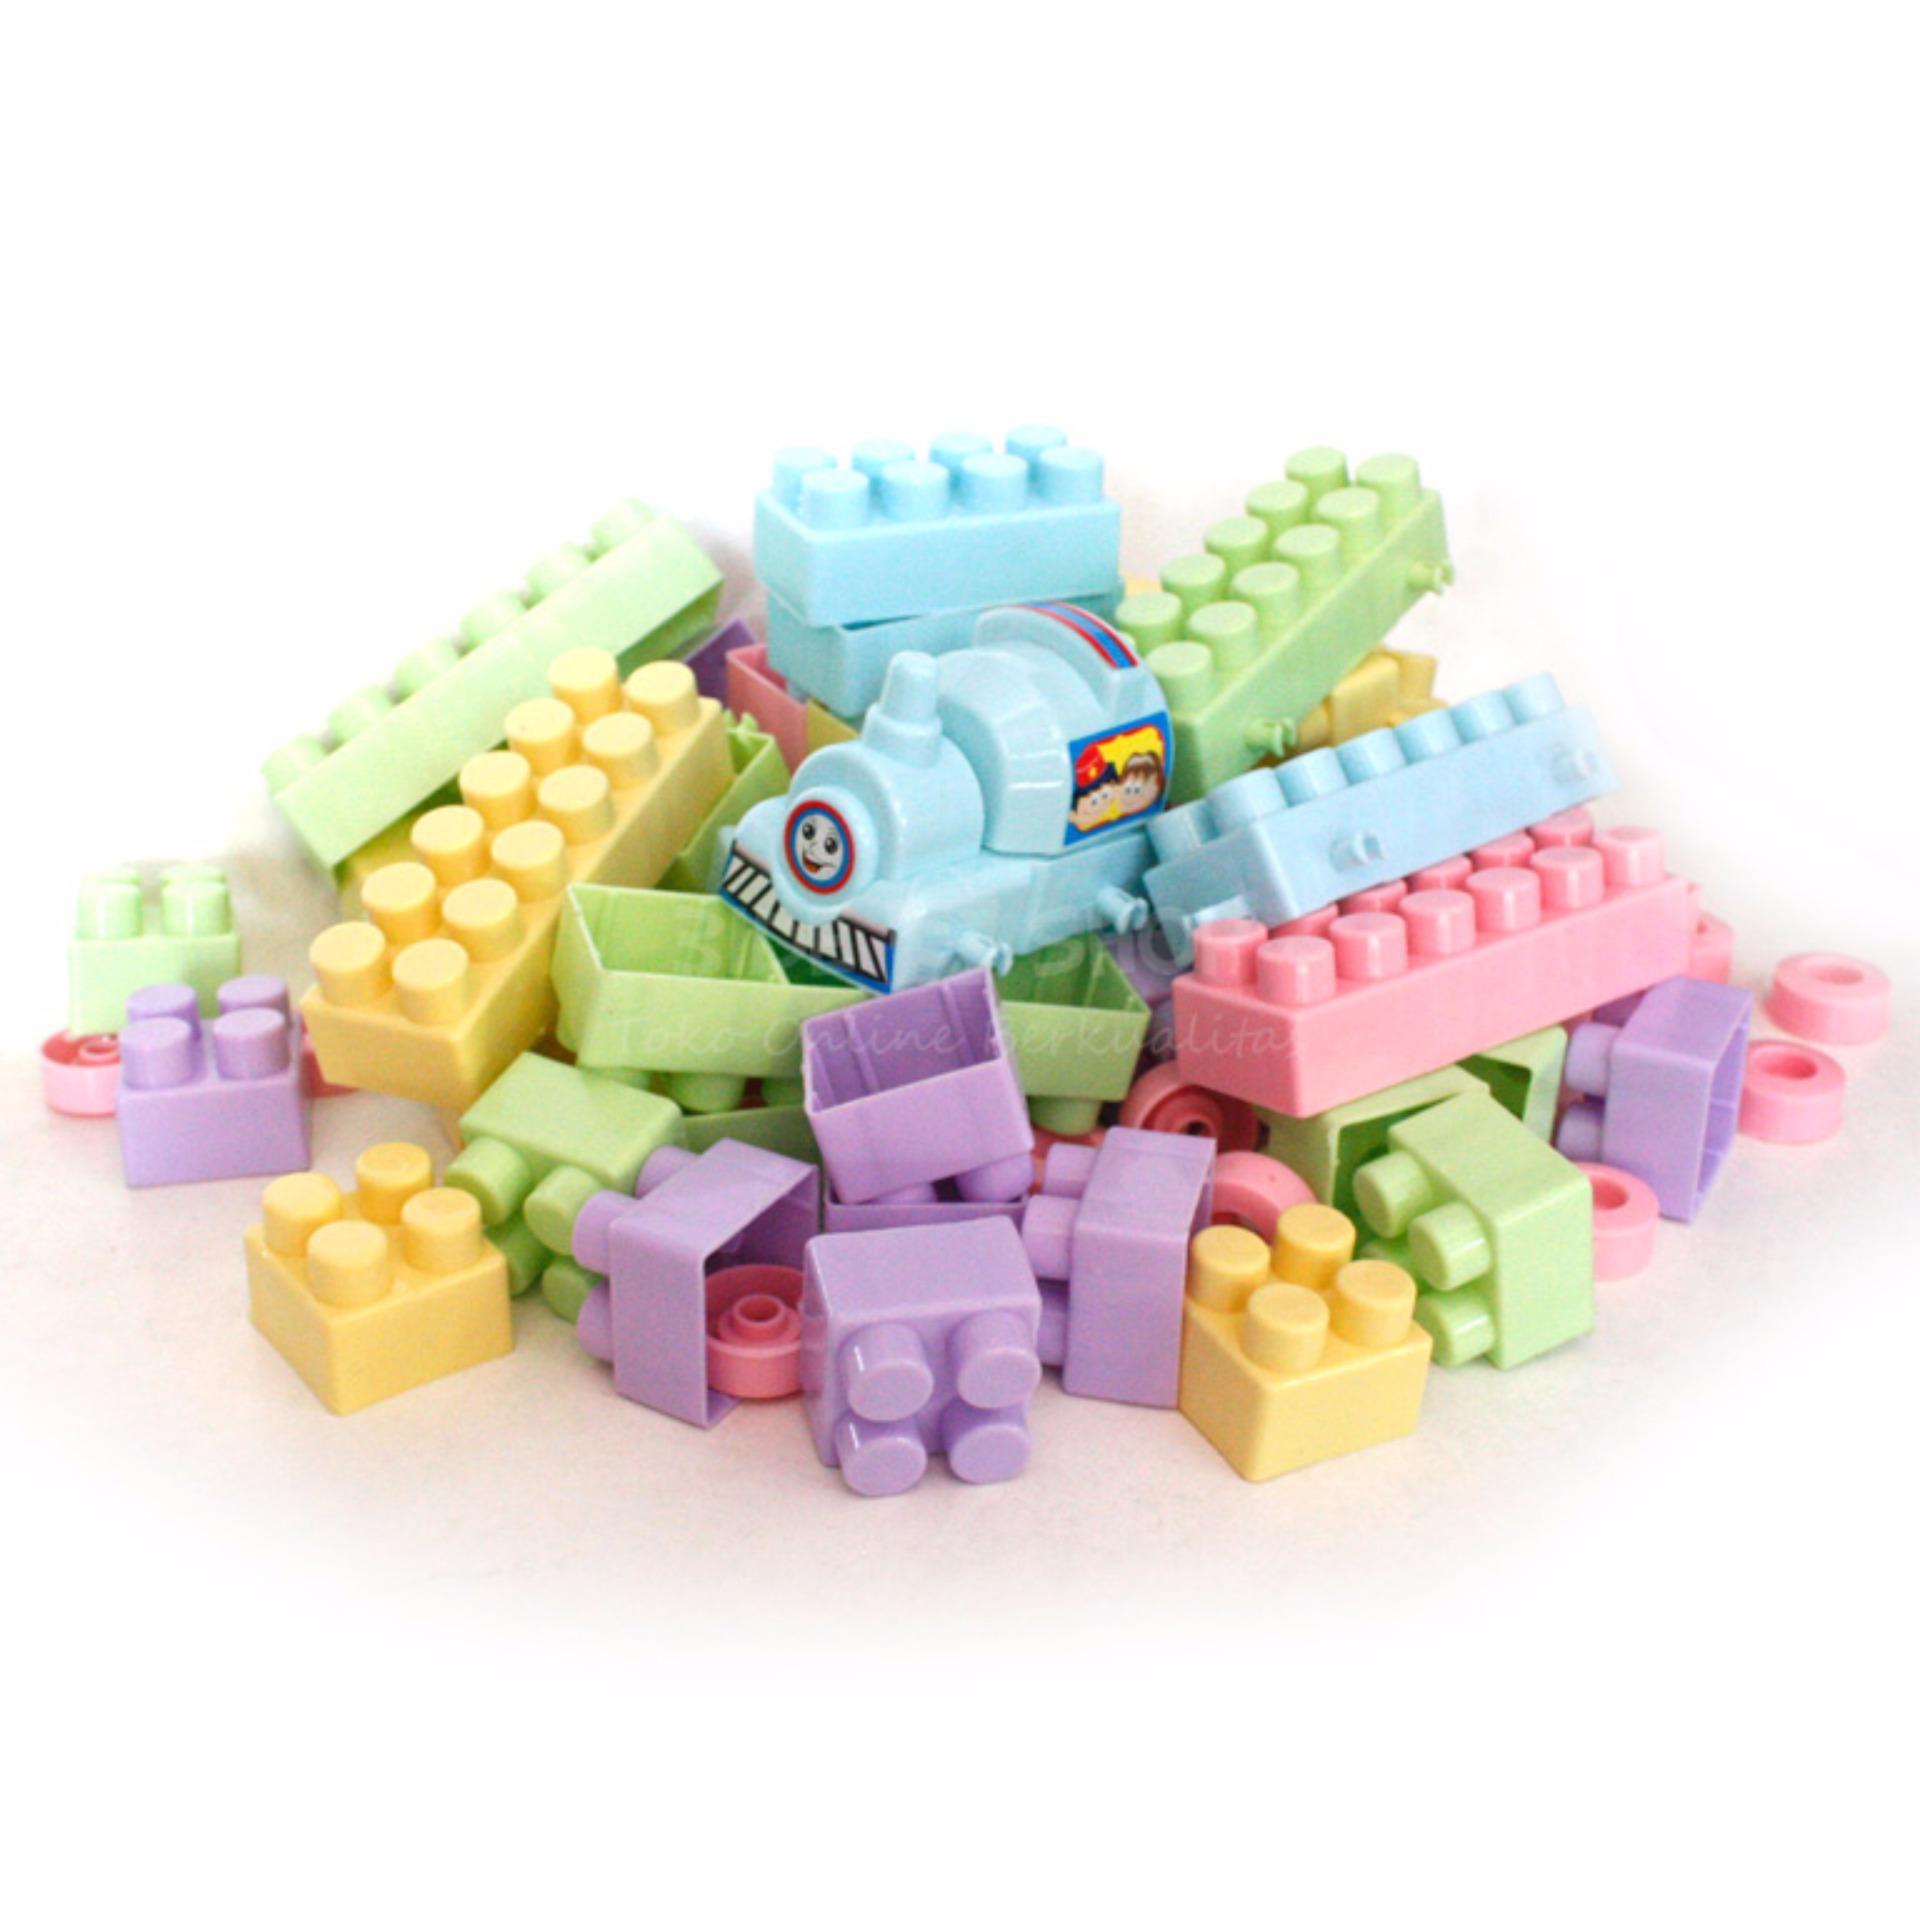 Mainan Block Lego Yoyo 160 Pcs Daftar Harga Terkini Dan Termurah Toy Addict Blocks Madagascar 37 Free Figure 5890744 160pcs